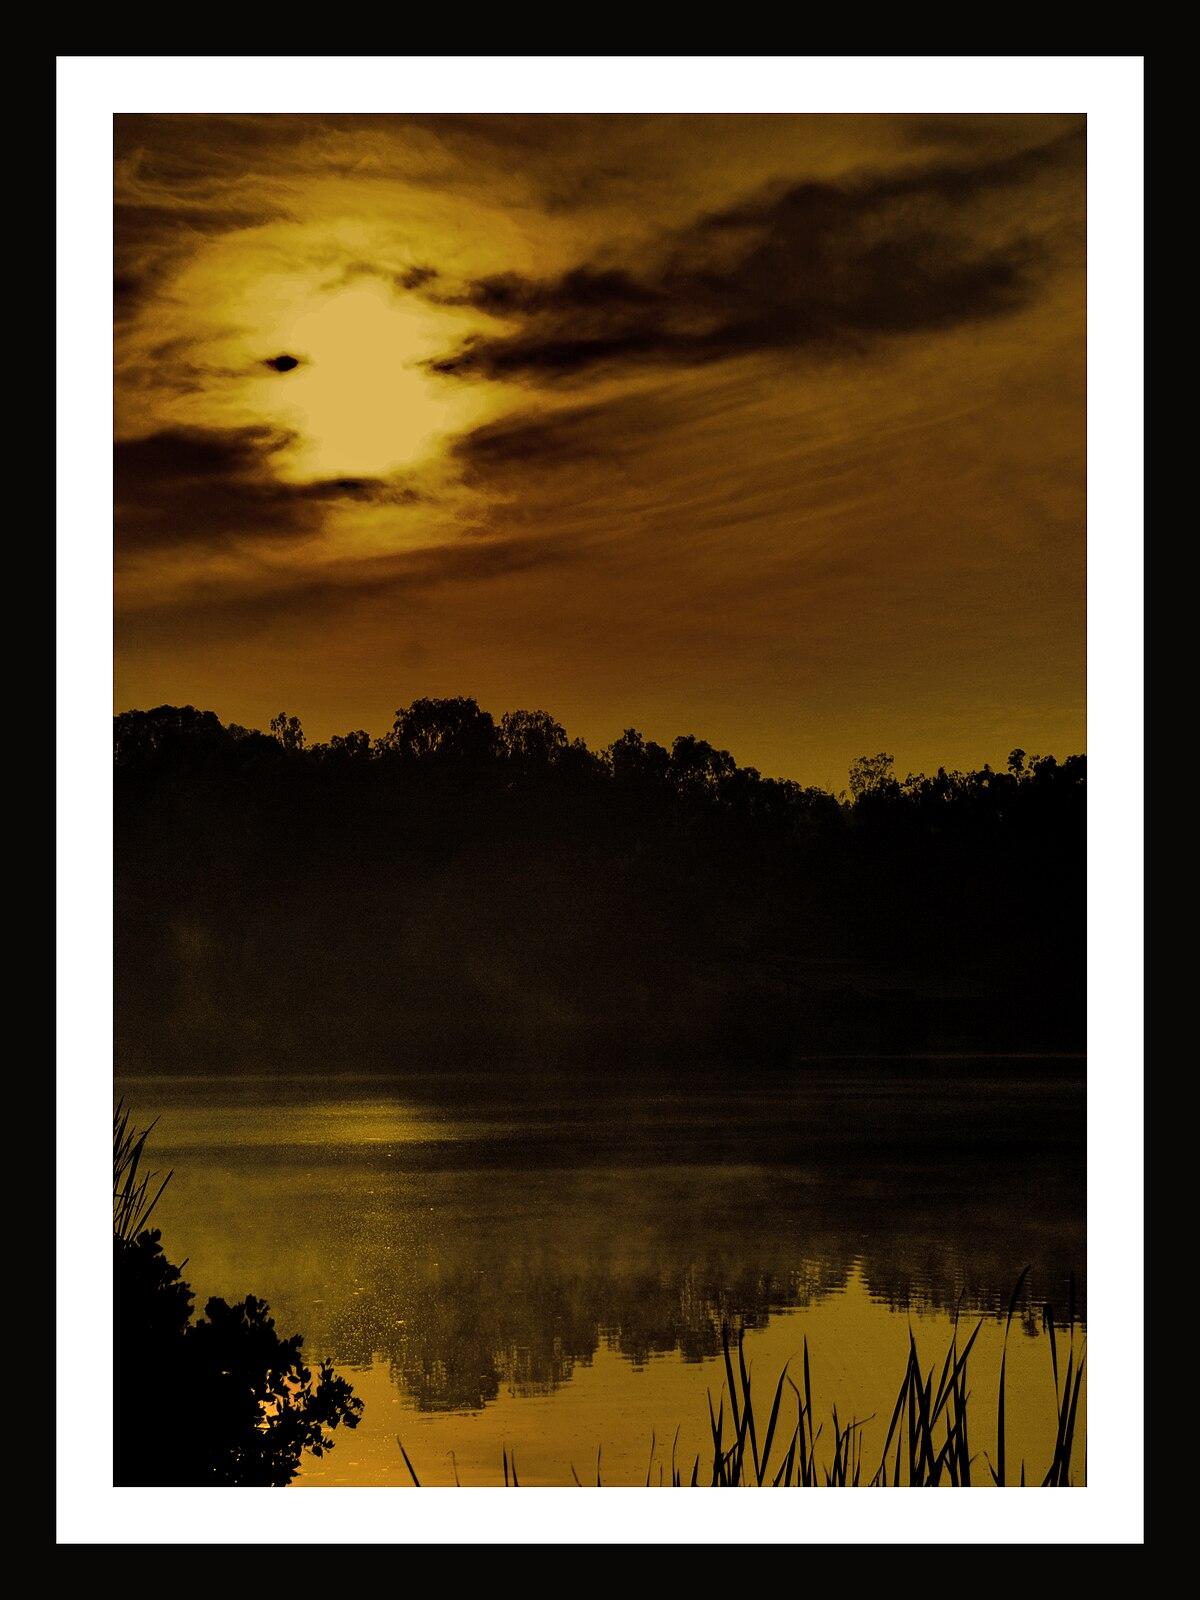 kukkarahalli lake wikipedia